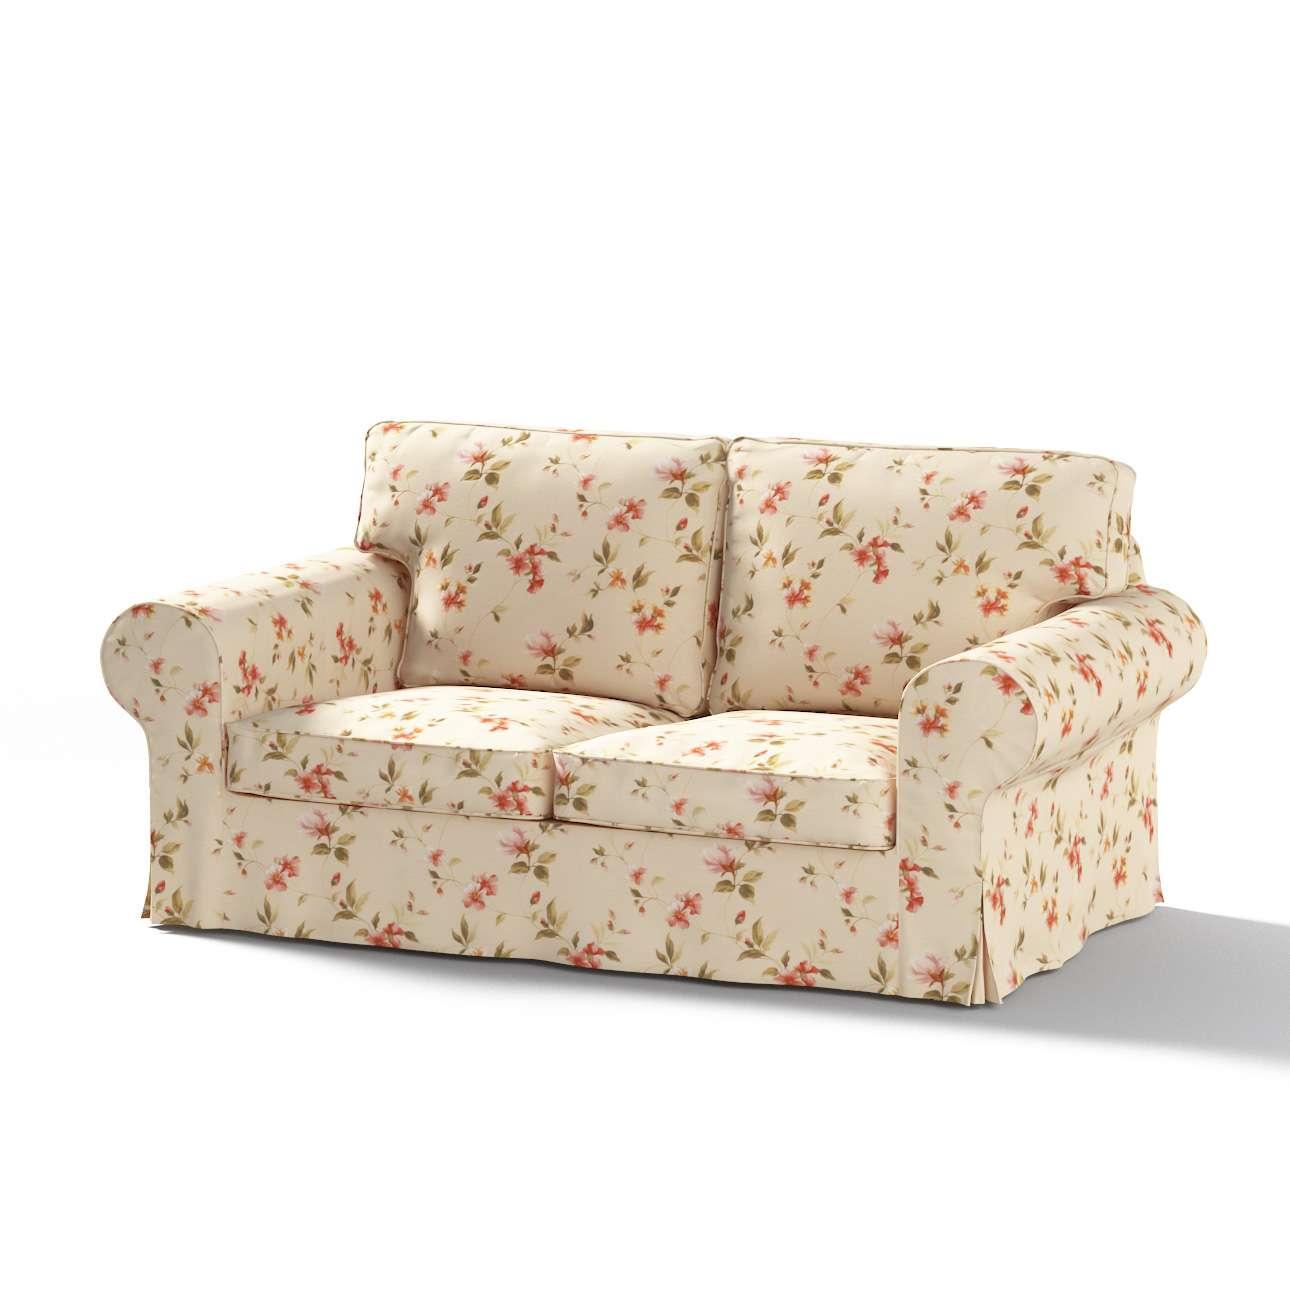 Ektorp 2 sæder Betræk uden sofa fra kollektionen Londres, Stof: 124-05